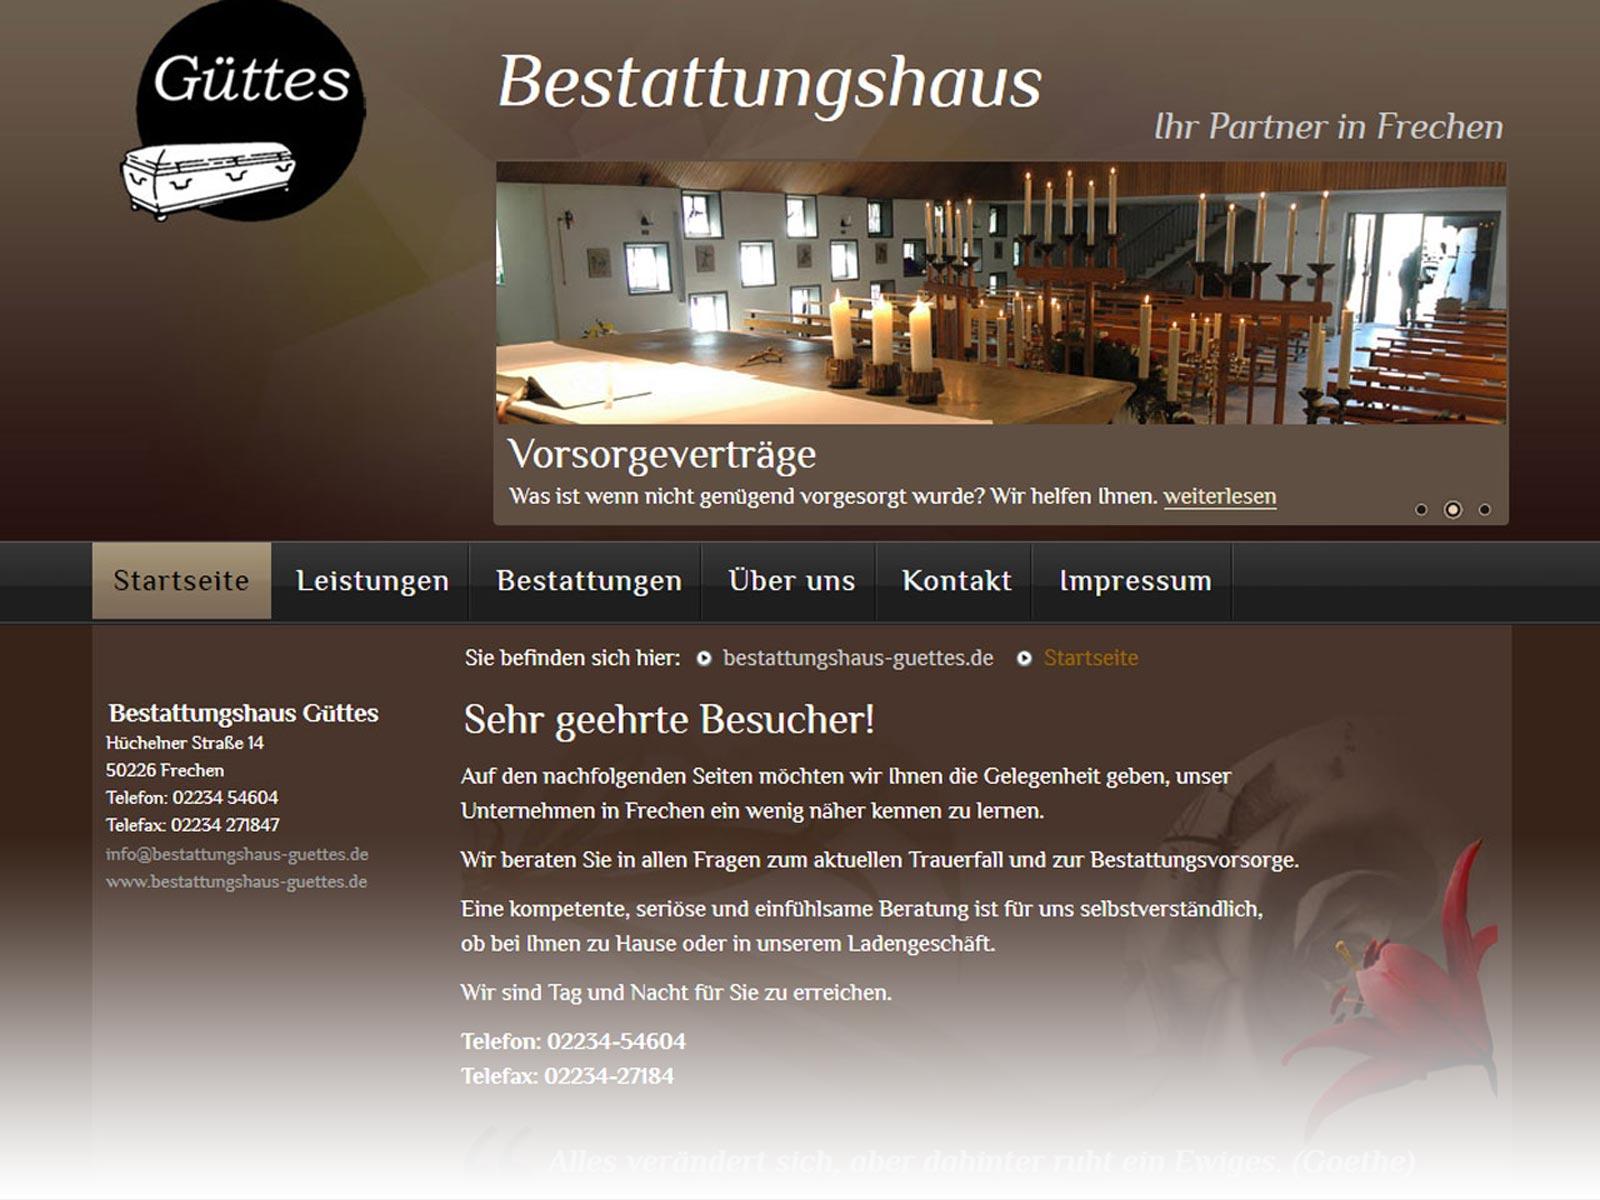 Bestattungshaus Güttes